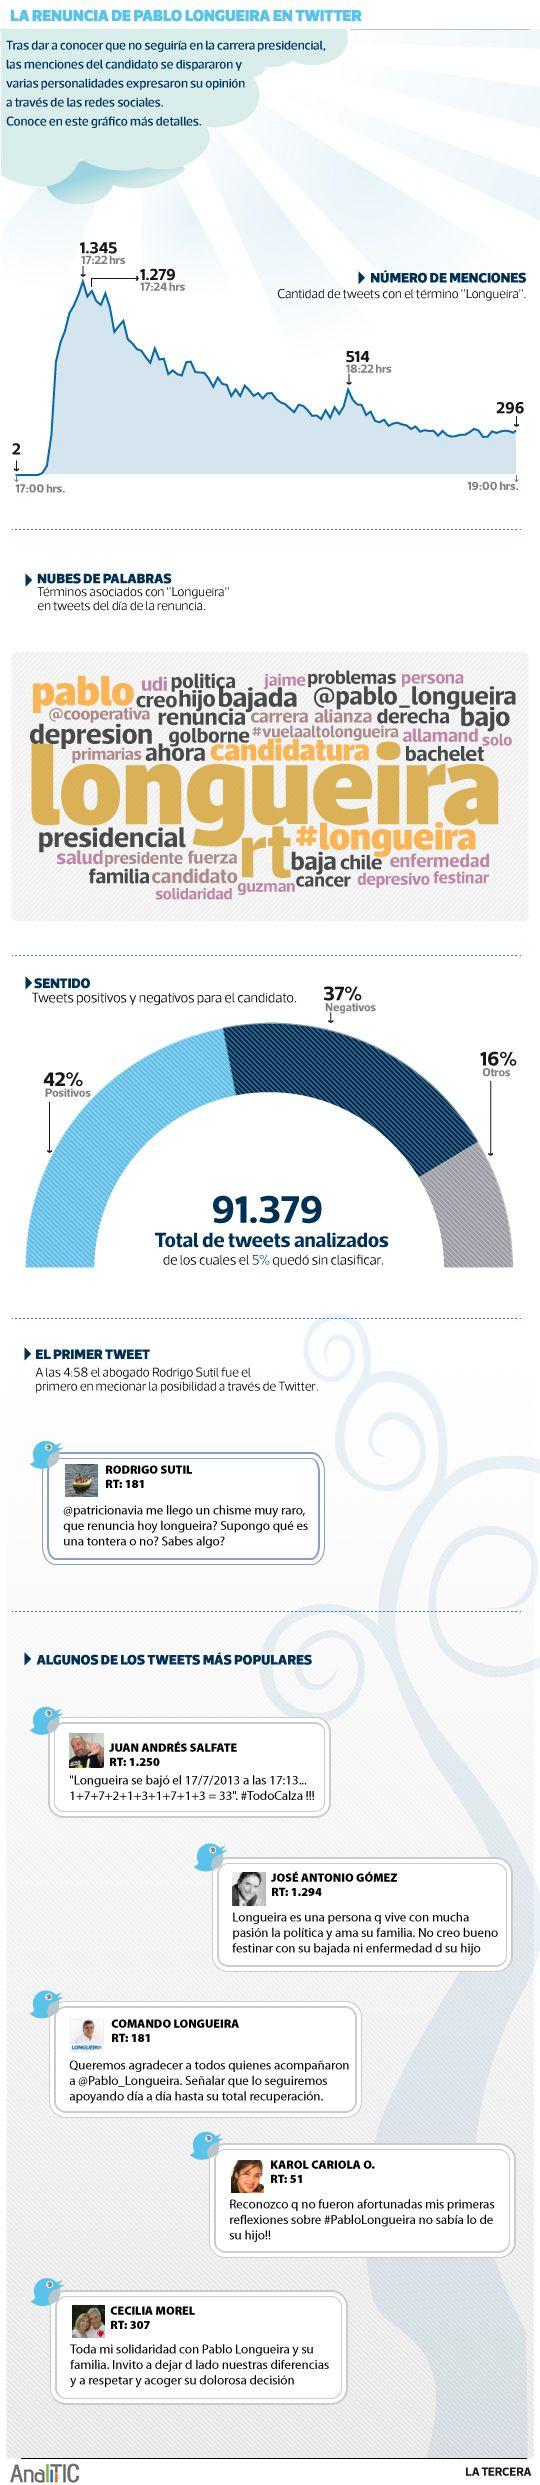 Un peak de 1.345 tweets por minuto produjo la noticia sobre la renuncia del  candidato de la Alianza, Pablo Longueira. ¿Qué tweets fueron los más populares?   Realizado gracias a la tecnología de Analitic.